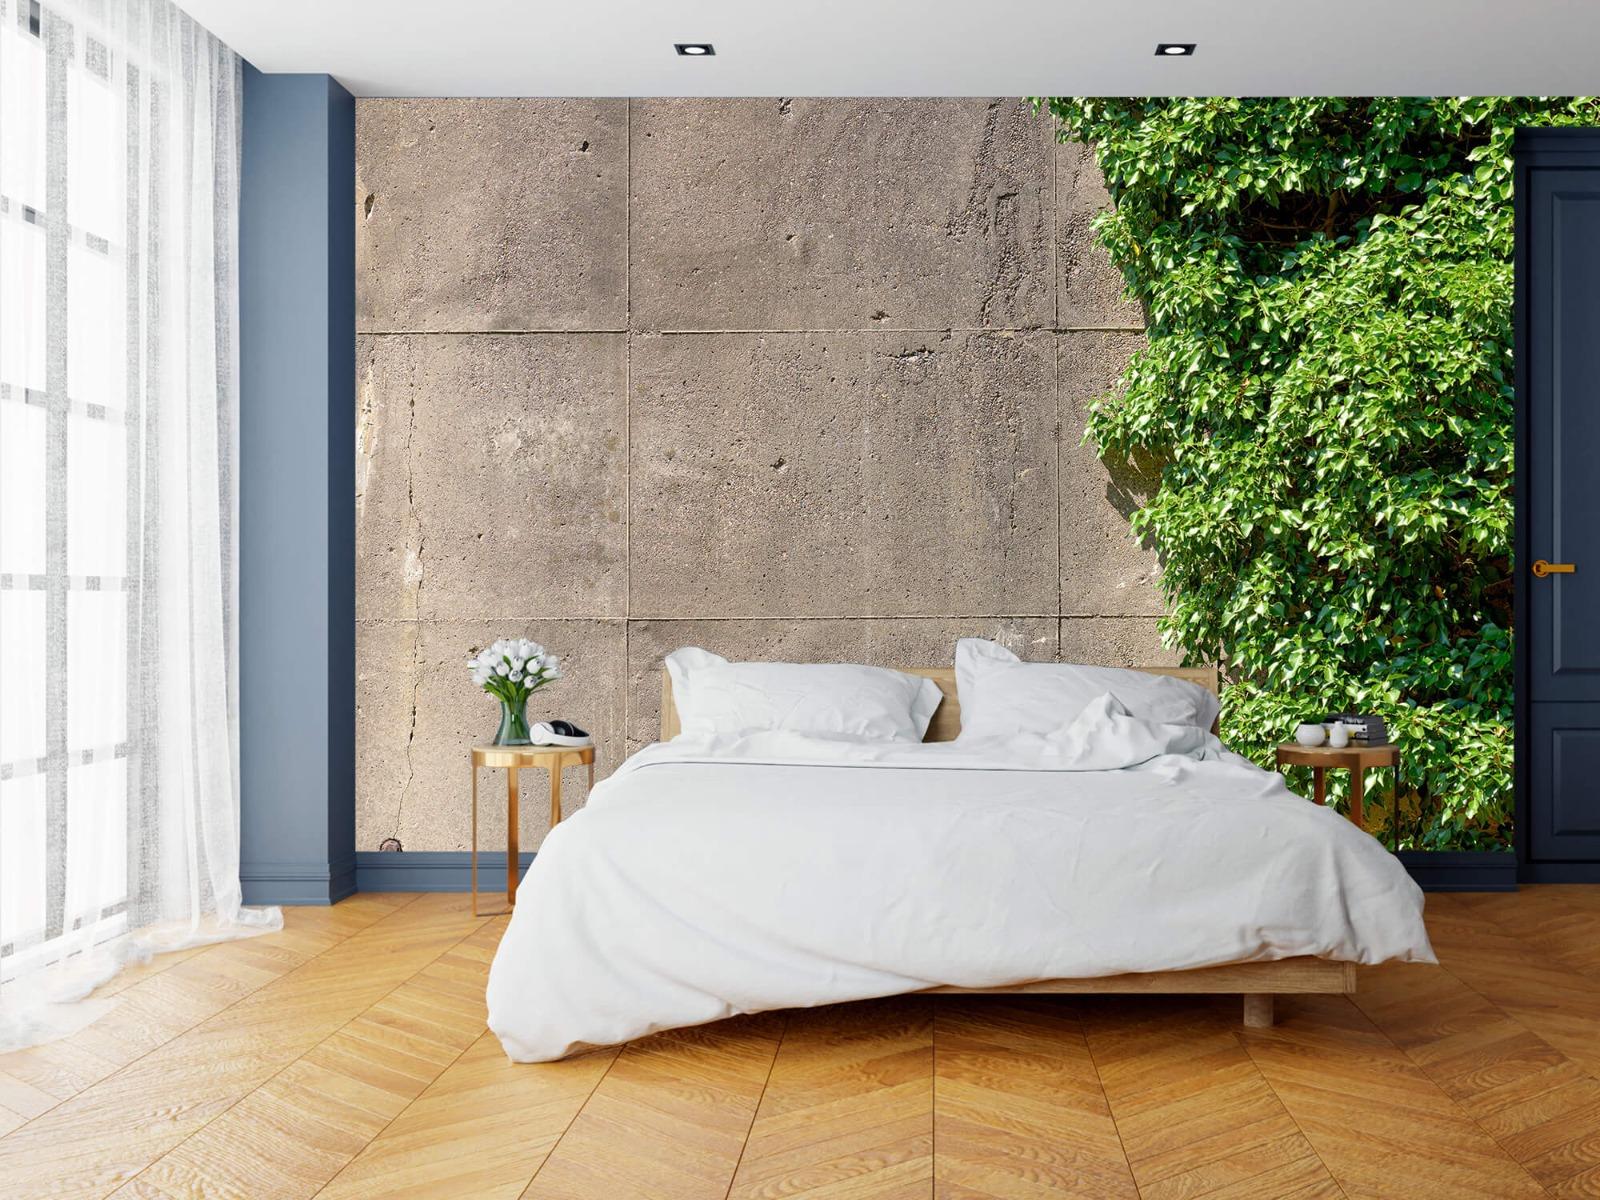 Betonlook behang - Beton met struik - Wallexclusive - Woonkamer 15